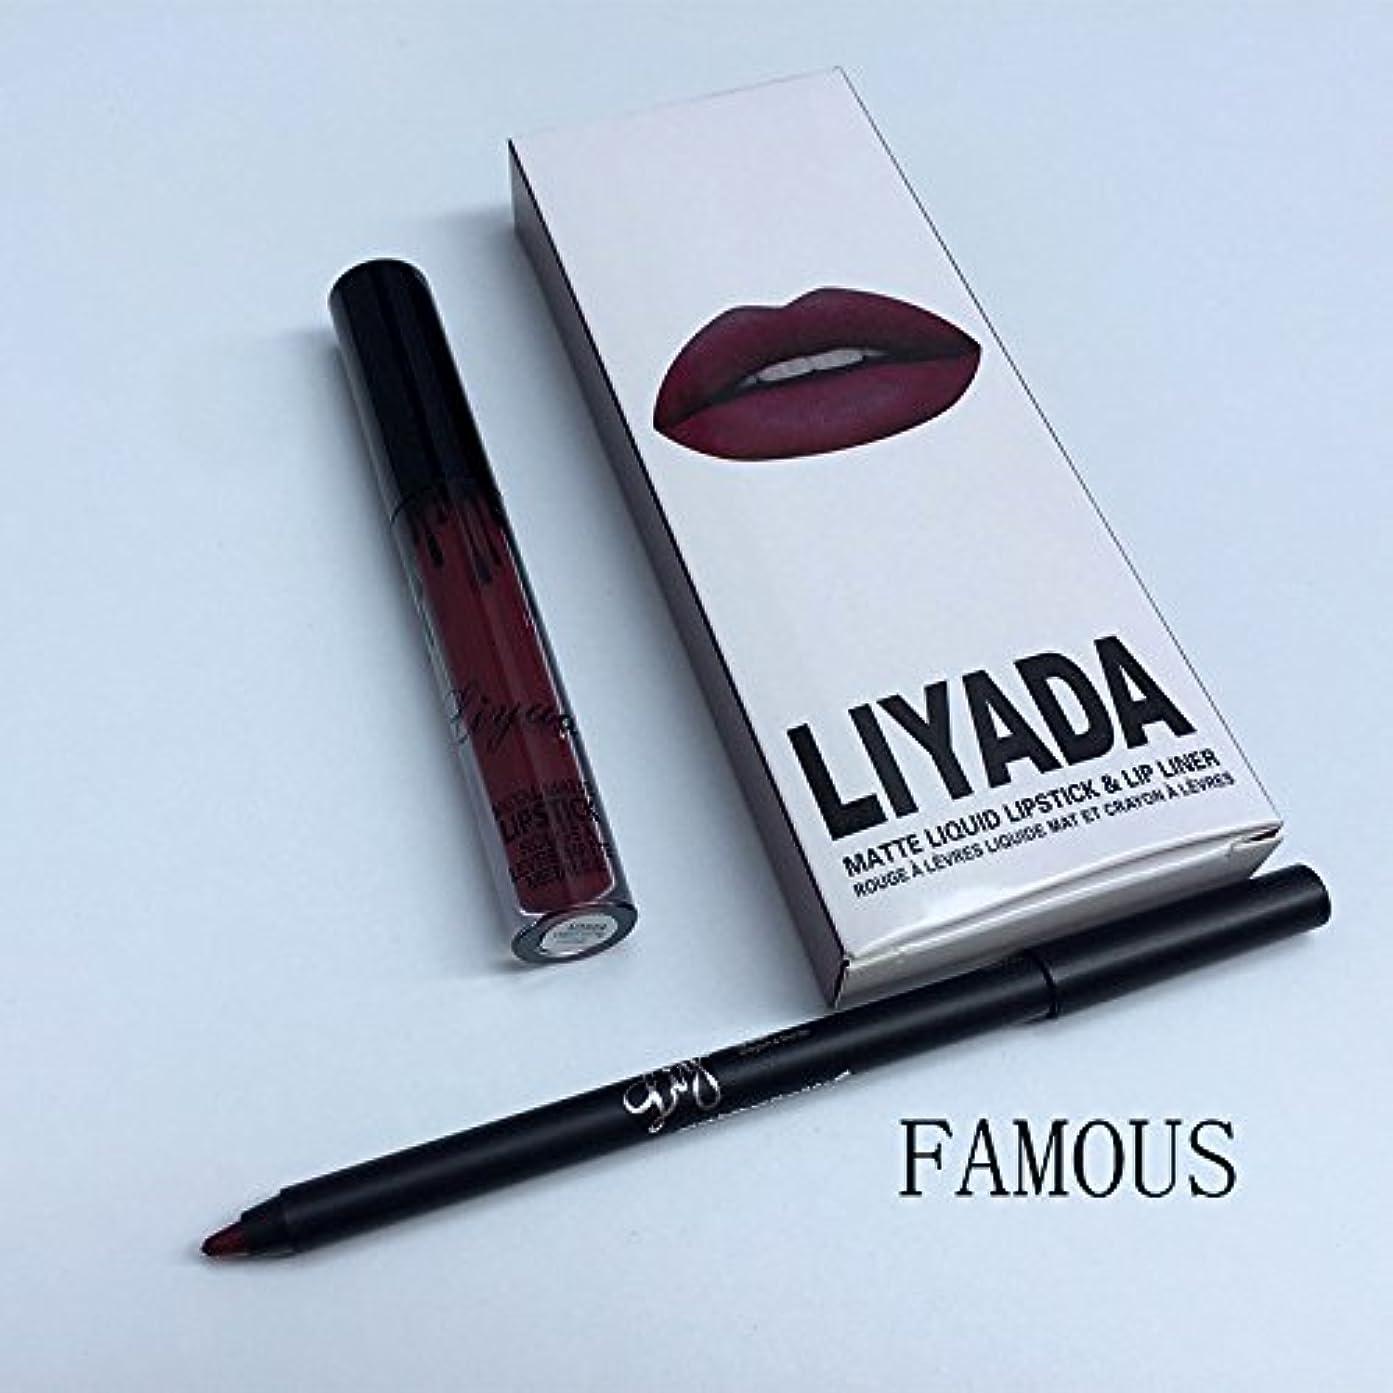 翻訳者ぜいたく然としたLIYADA Brand liquid matte lipstick kit lips pencil lips makeup lasting waterproof Mate pen lip gloss red has lip cosmetics